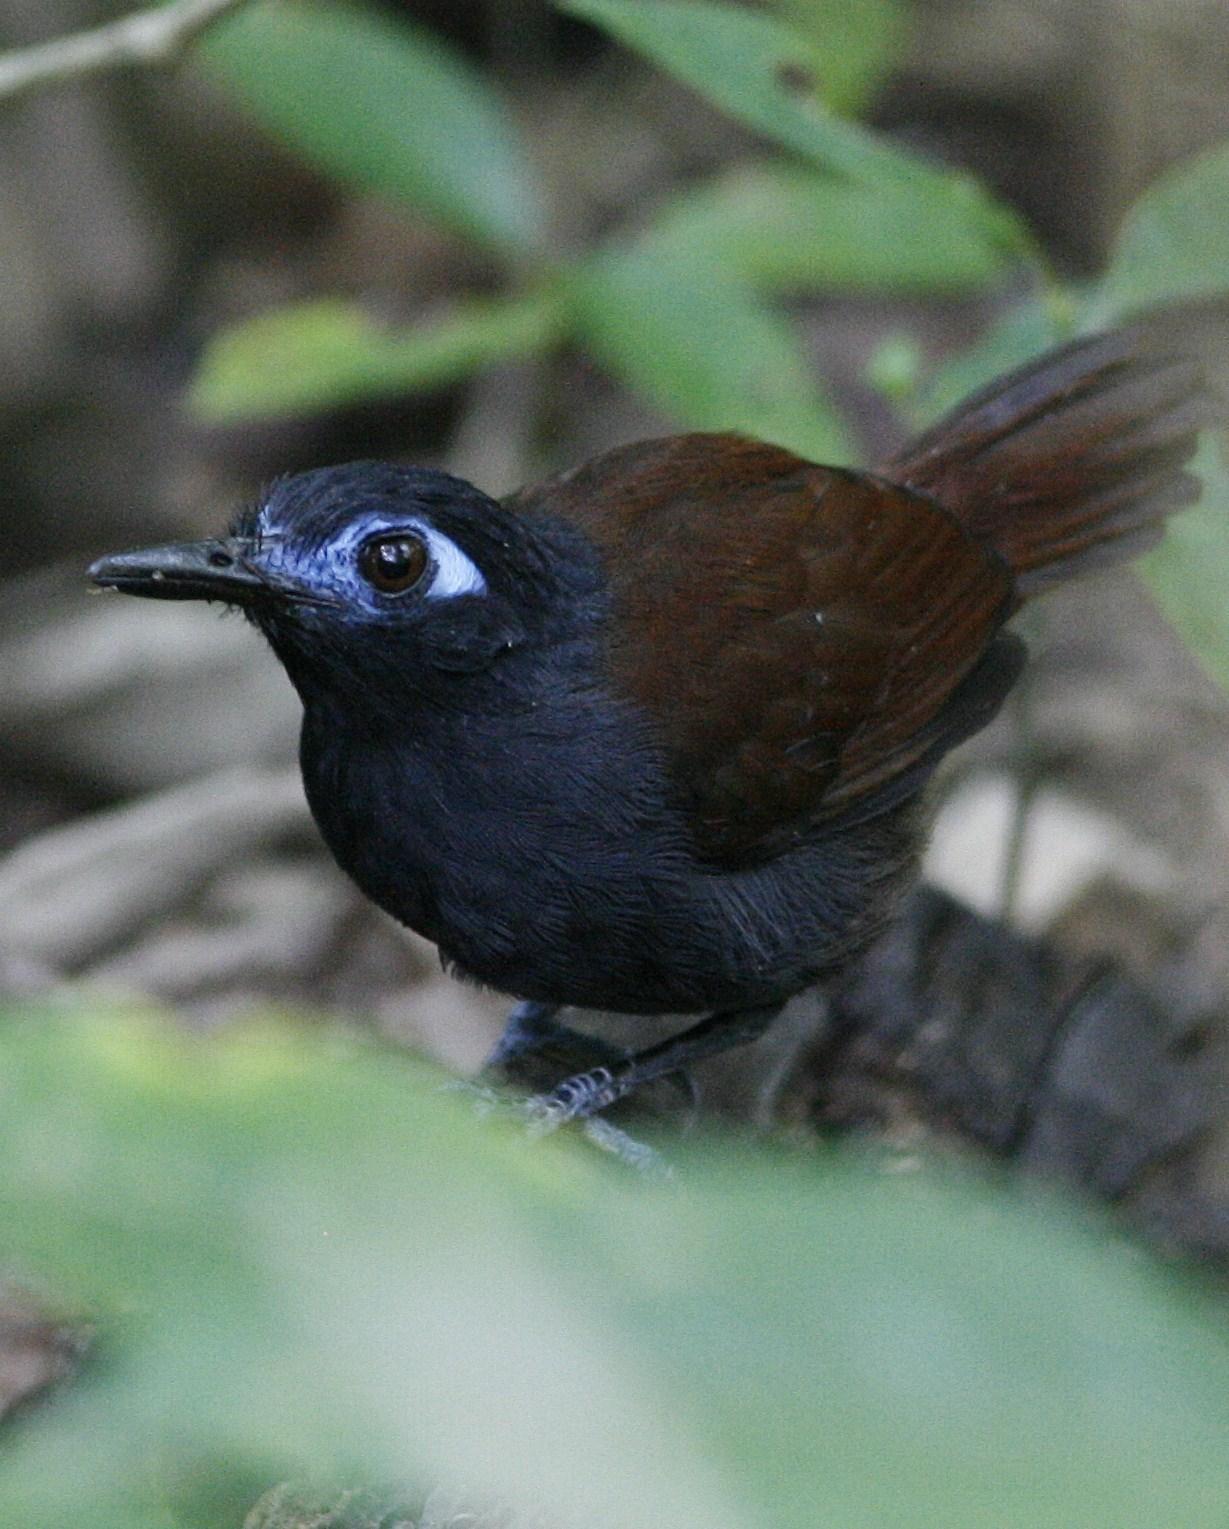 Chestnut-backed Antbird Photo by Oscar Johnson